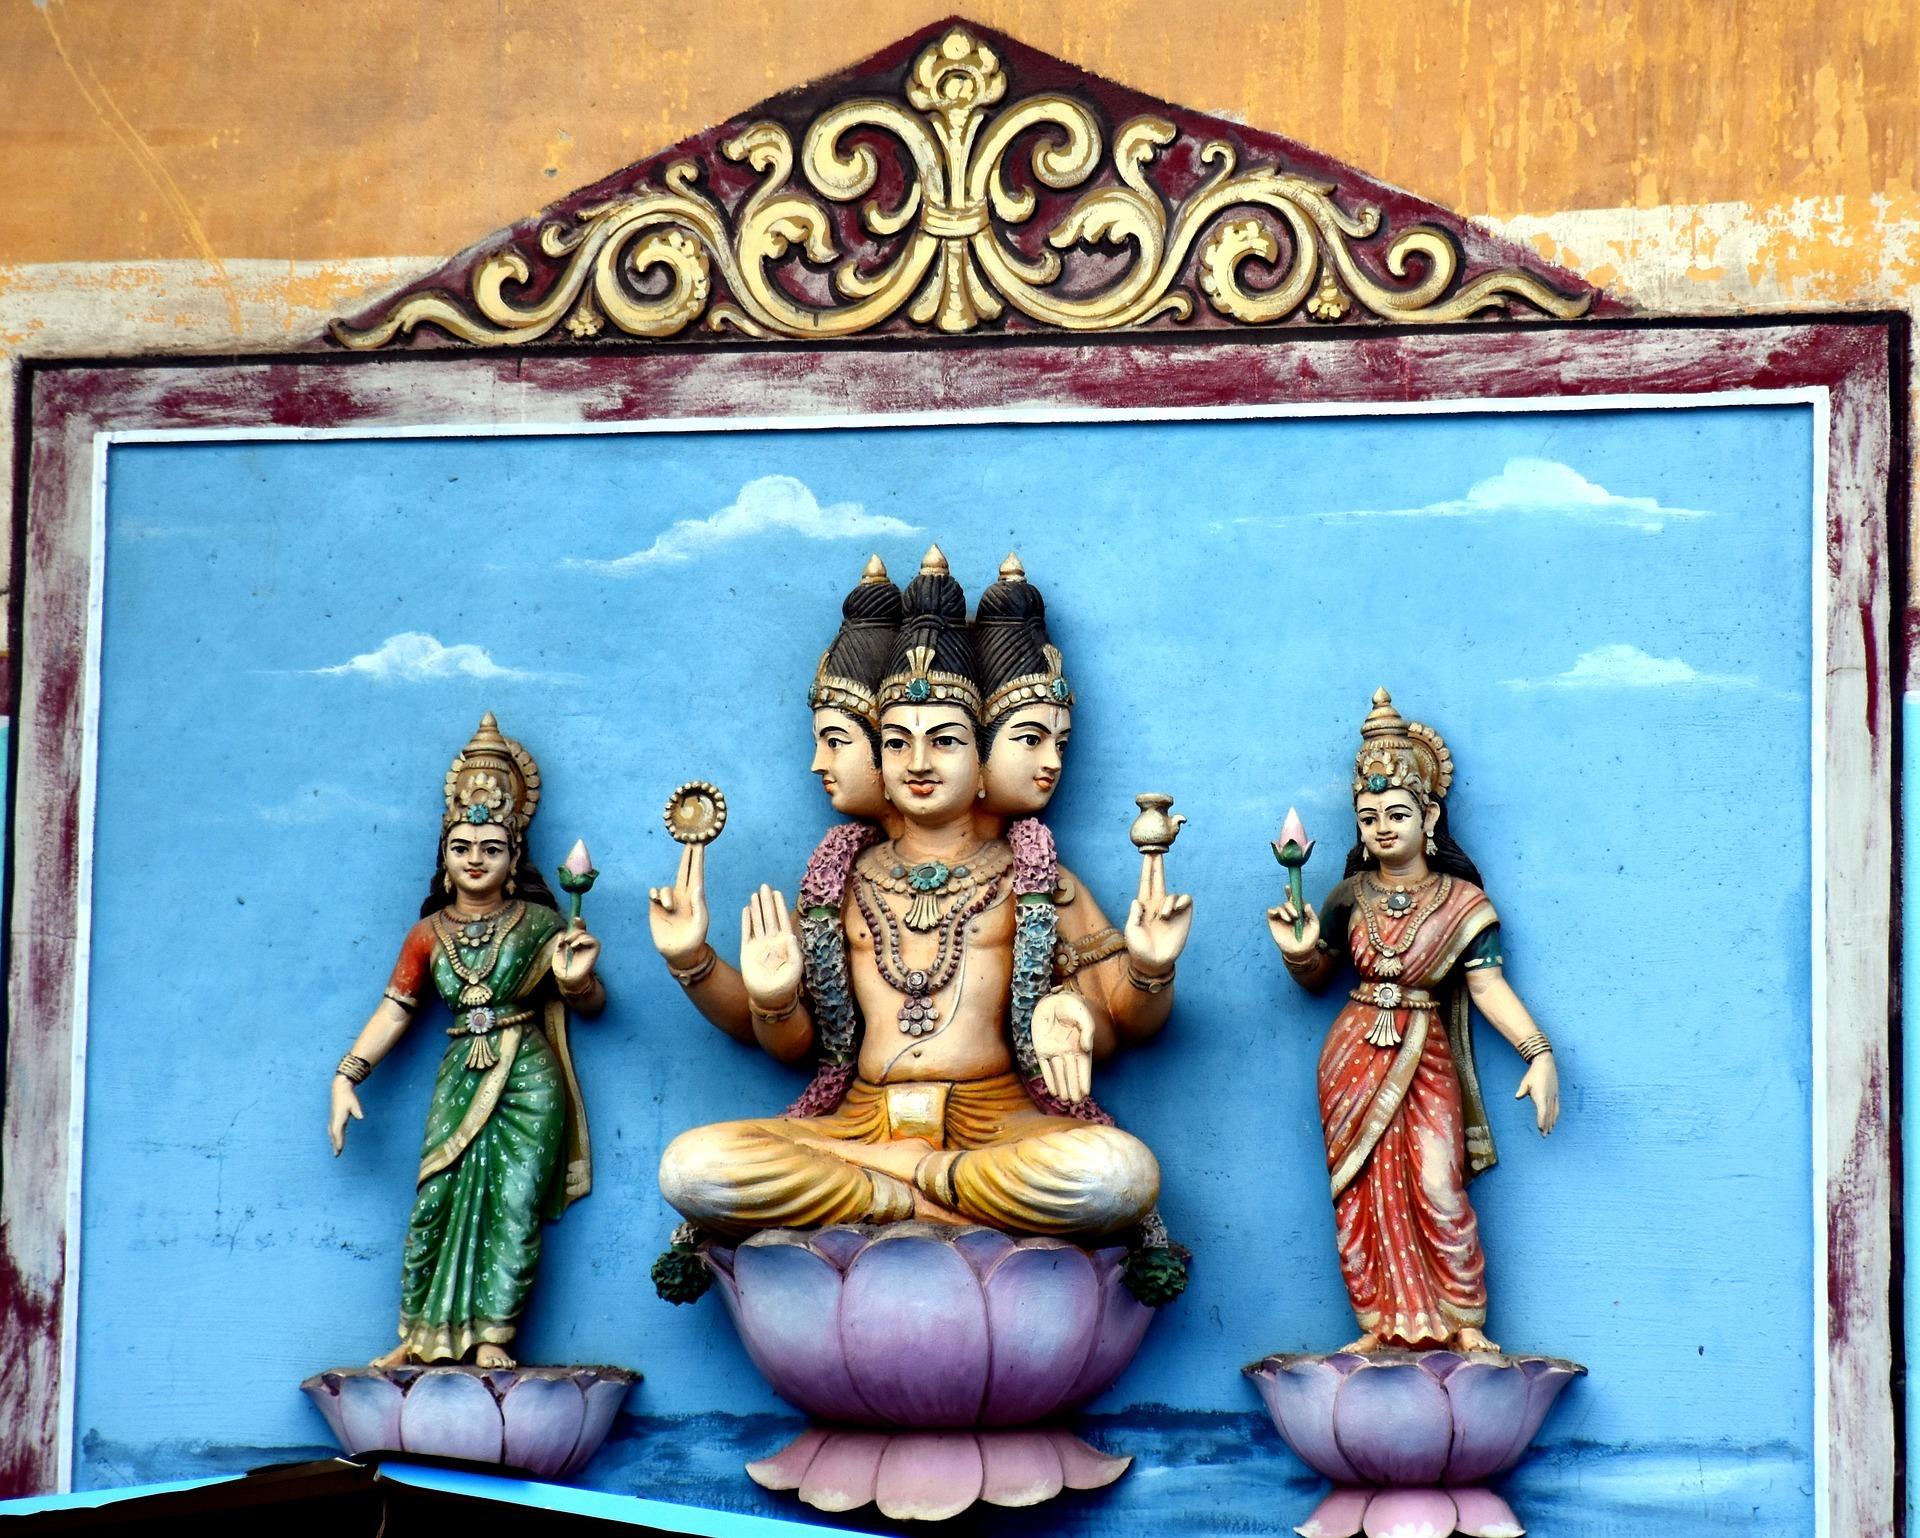 힌두교 창조의 신 브라흐마는 머리가 네 개다. 카스트 제도의 네 계급을 상징하기도 한다.